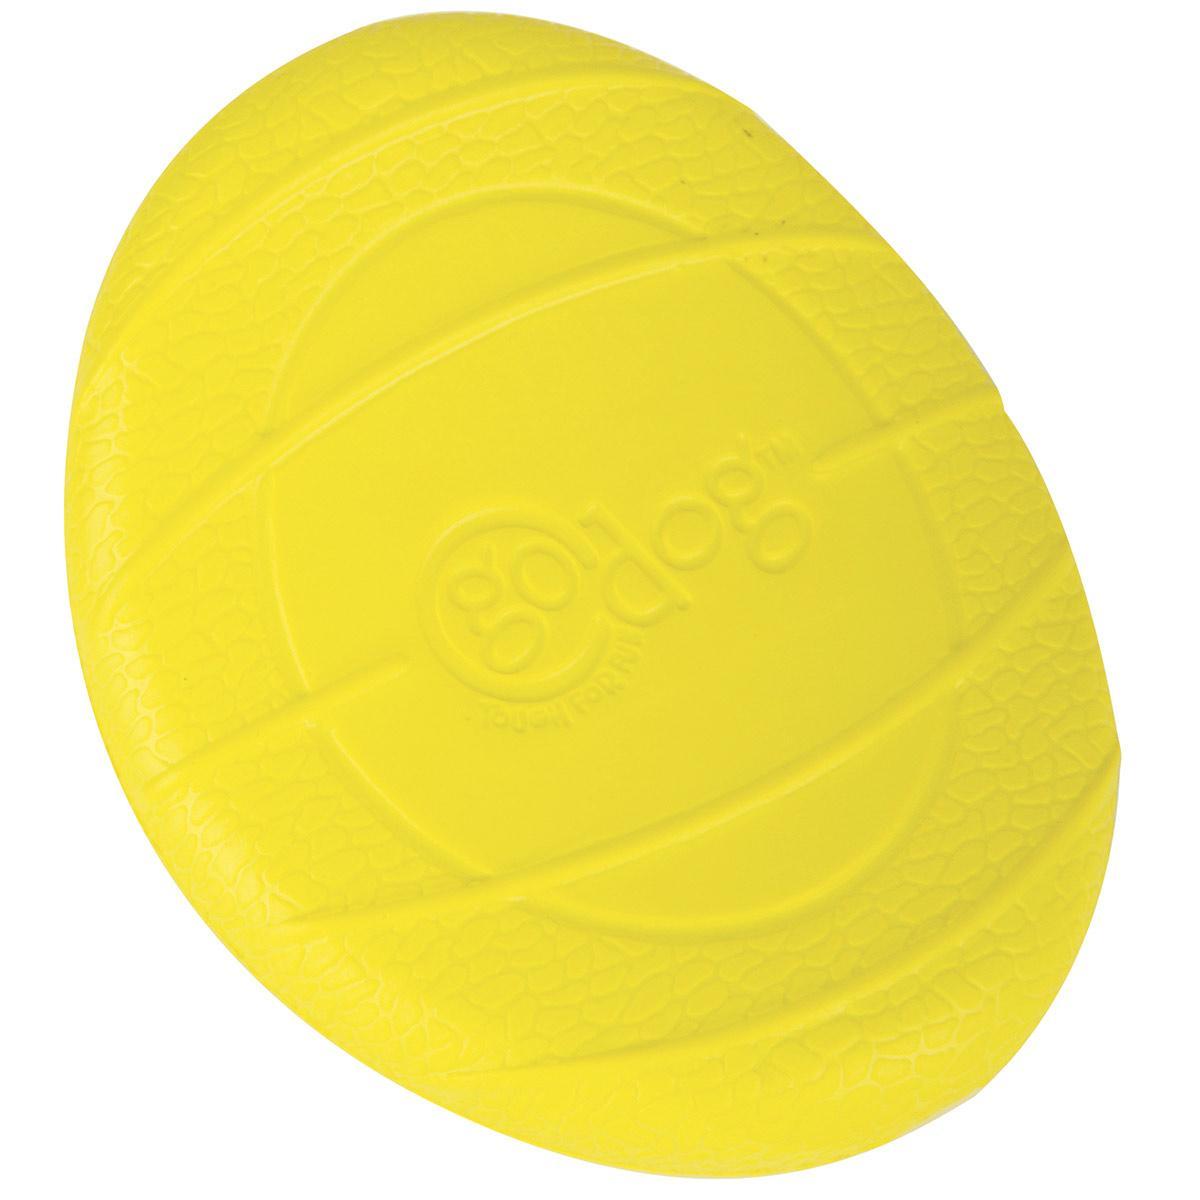 goDog RhinoPlay Flip Junior Yellow Dog Fetch Toy